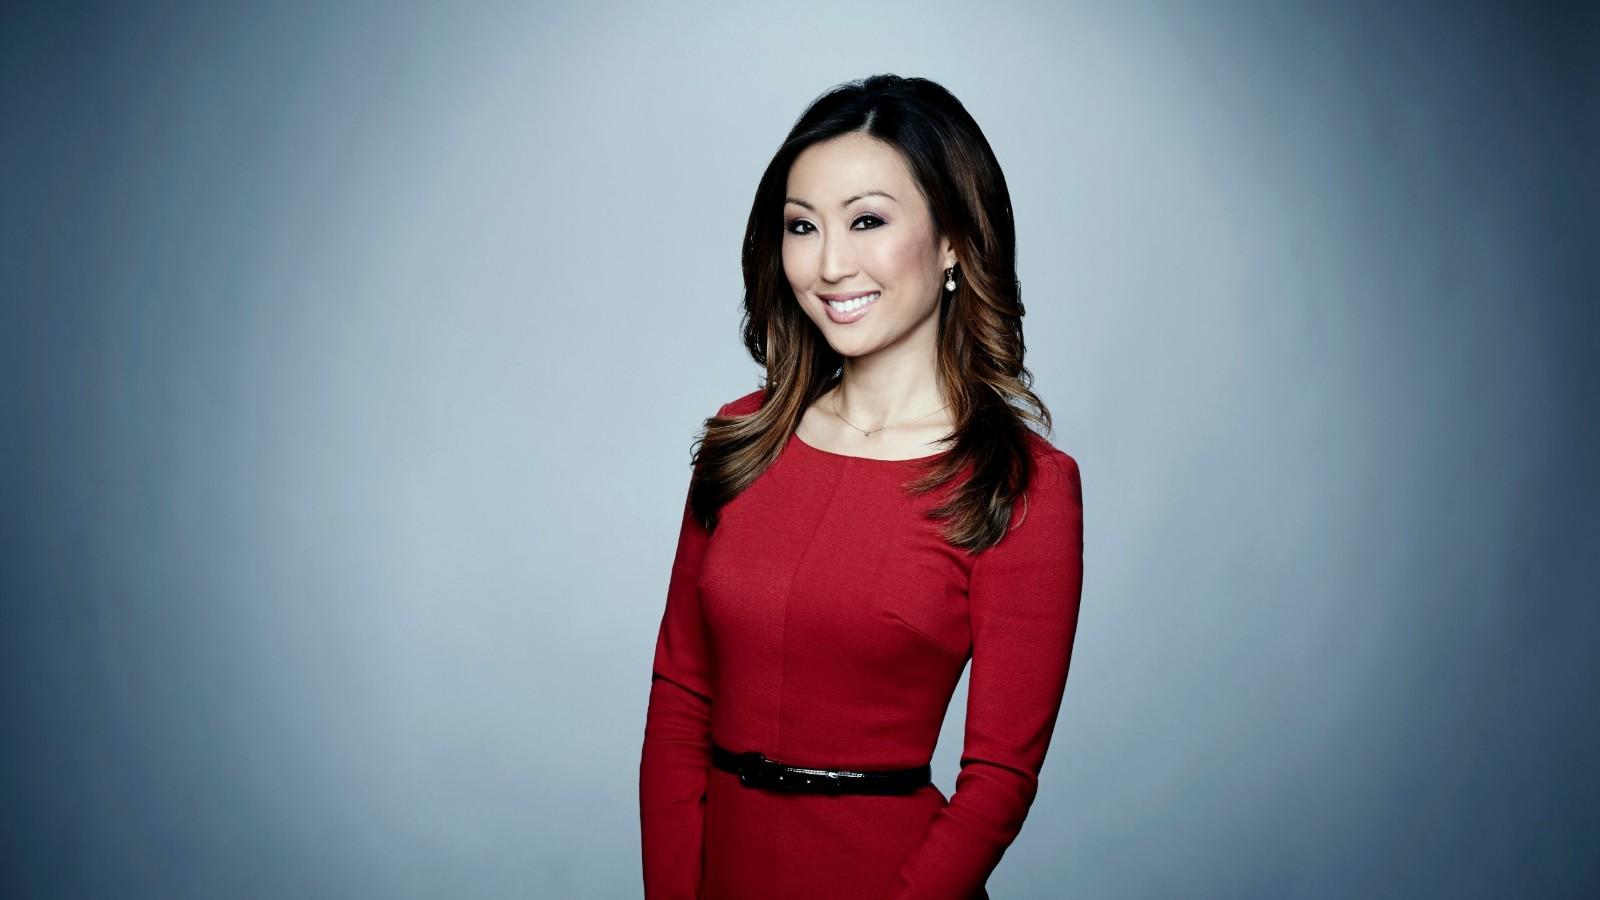 CNN Profiles - Amara Walker - Anchor - CNN - photo#26